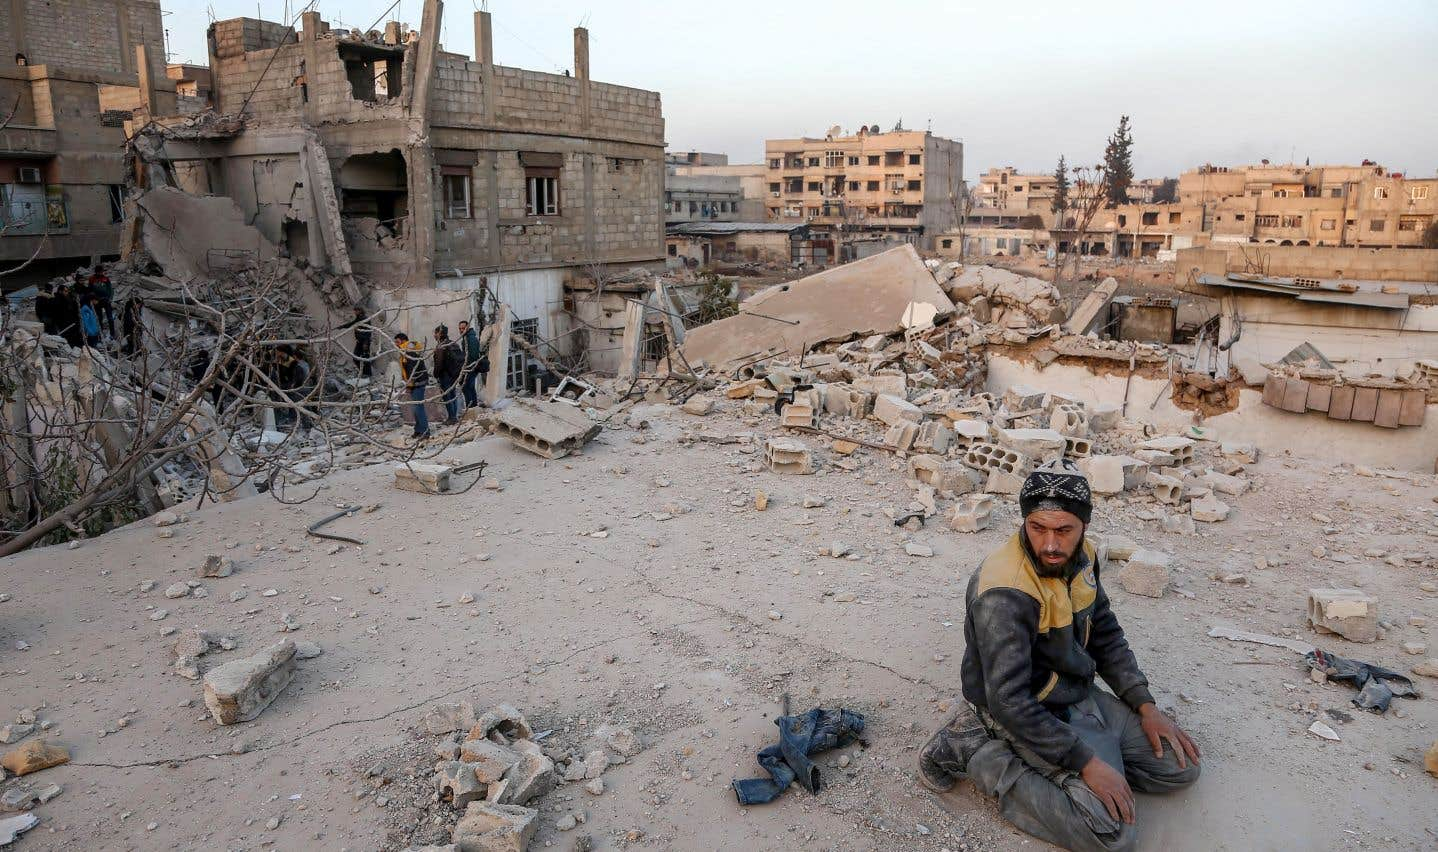 Syrie: le régime bombarde la Ghouta sans relâche